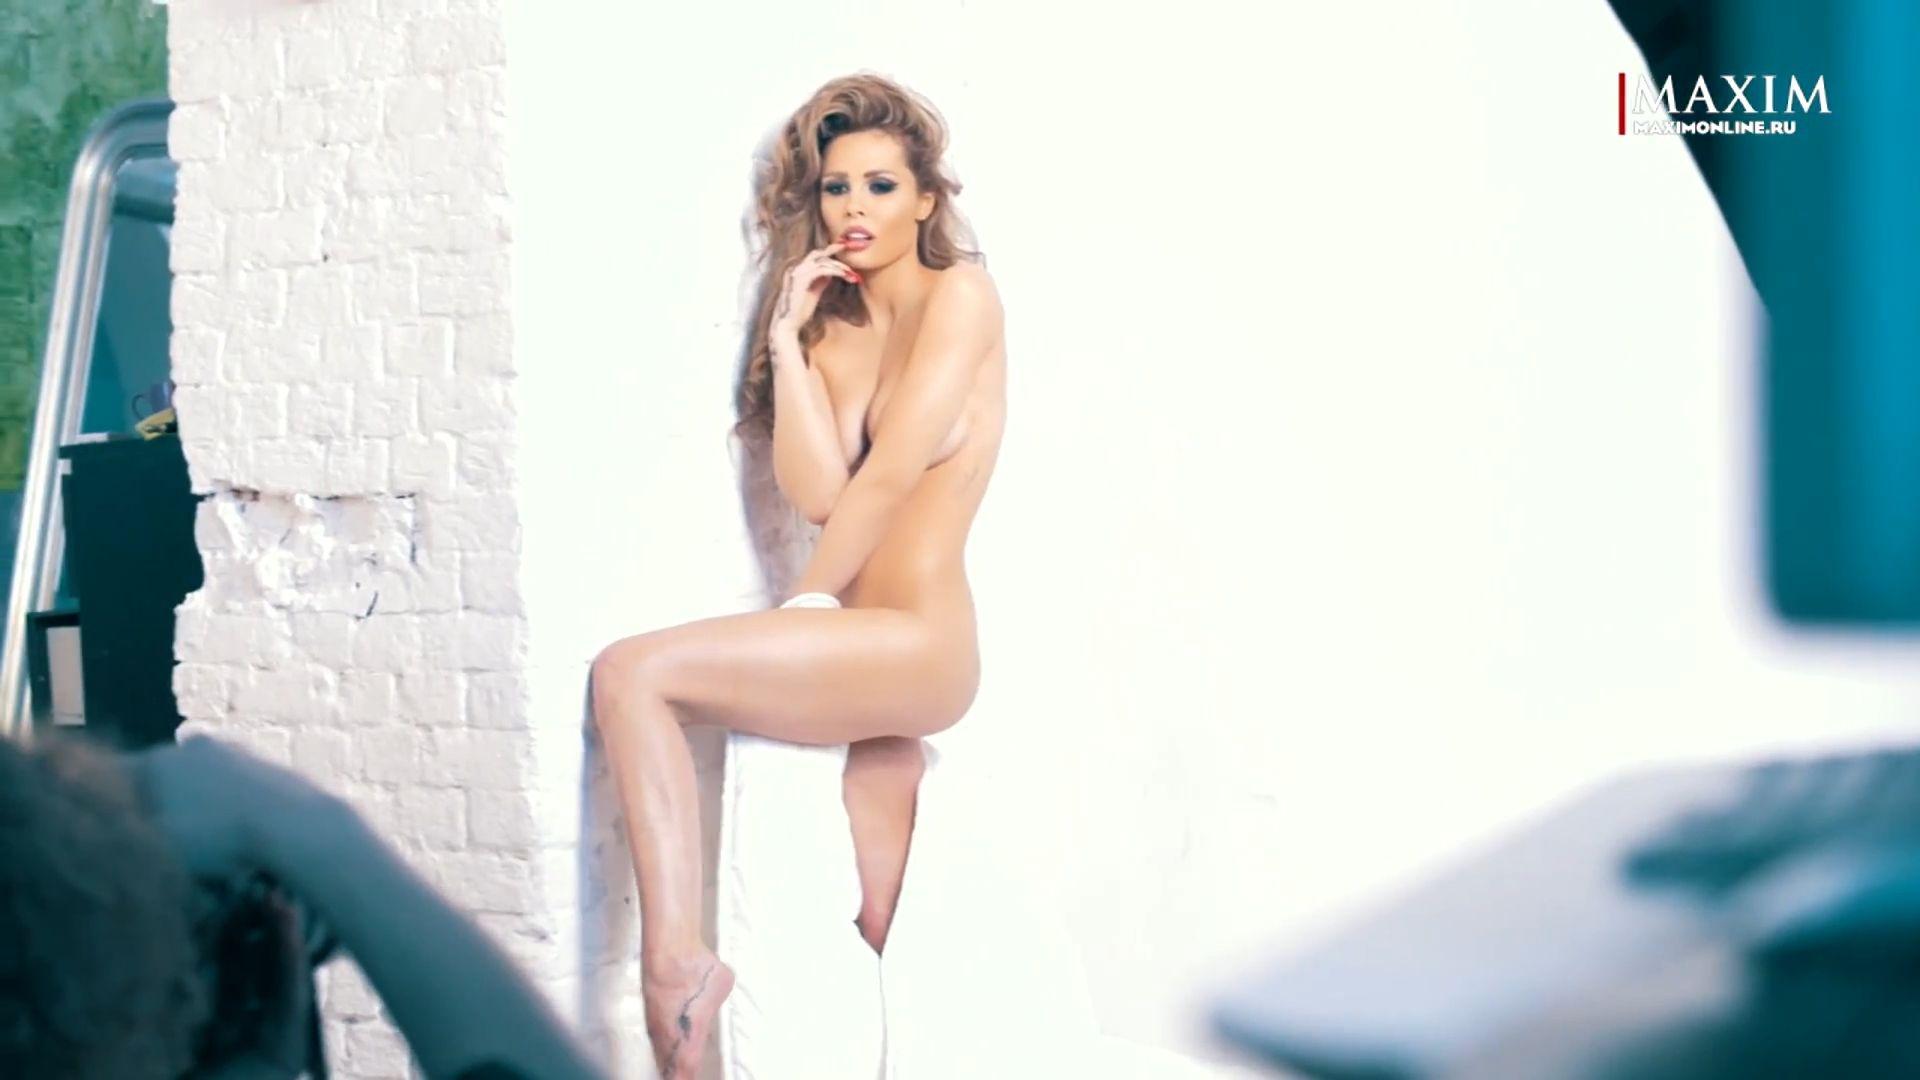 Мария горбань голая